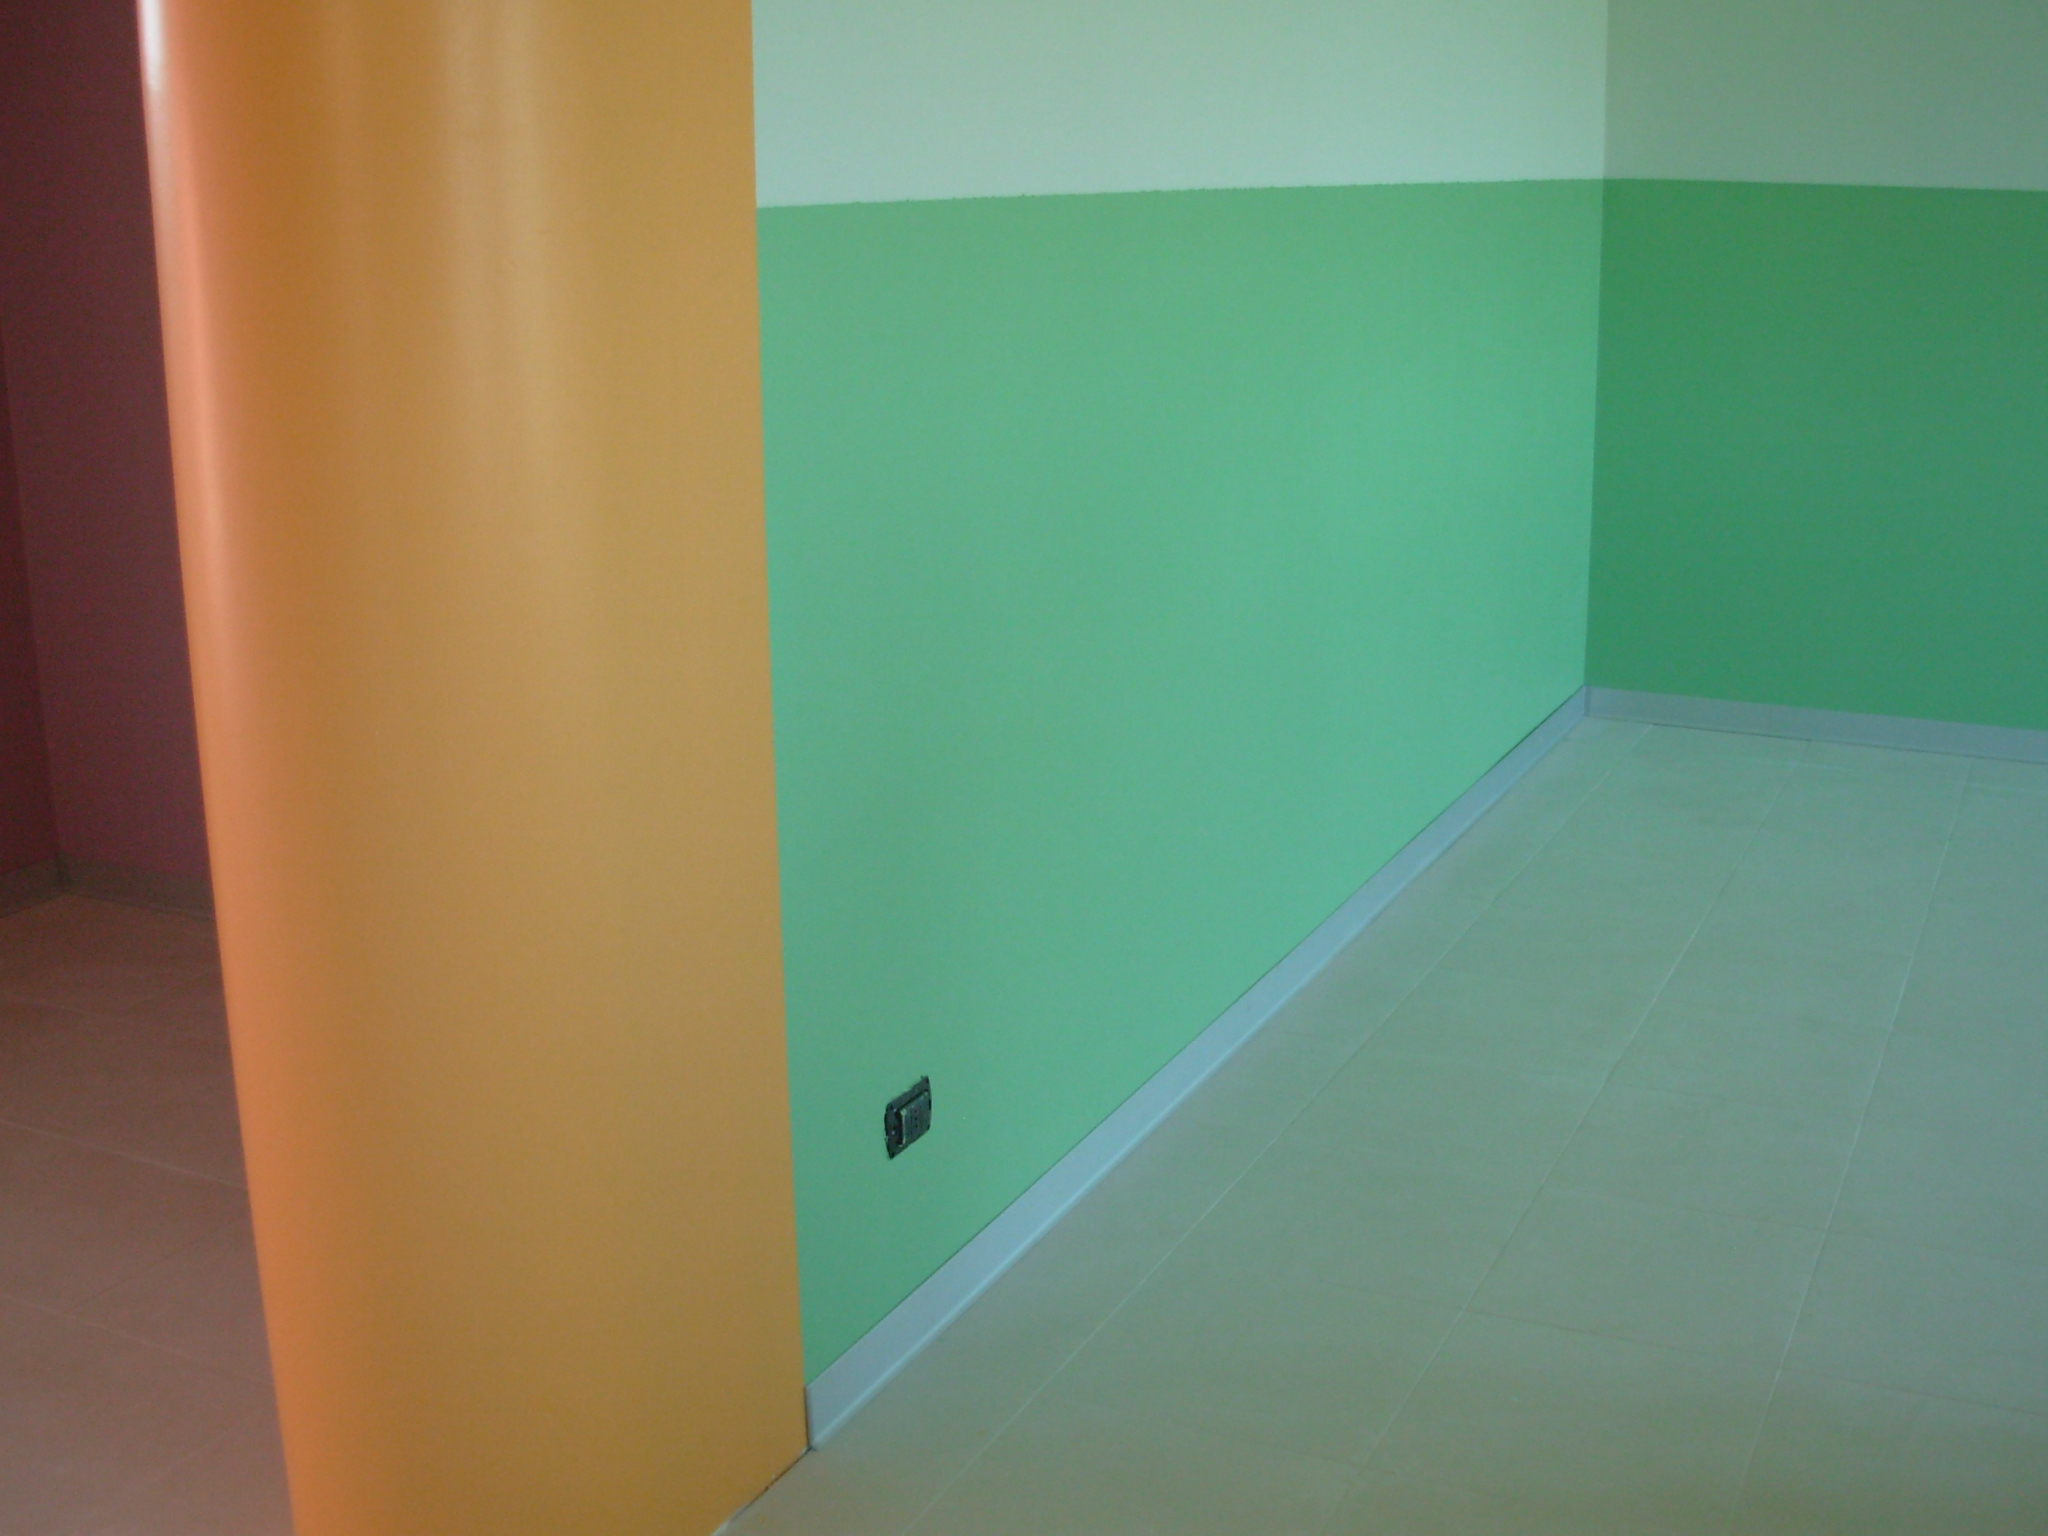 Casarella pitture edili antimuffa e decorative for Corsi per arredatore d interni